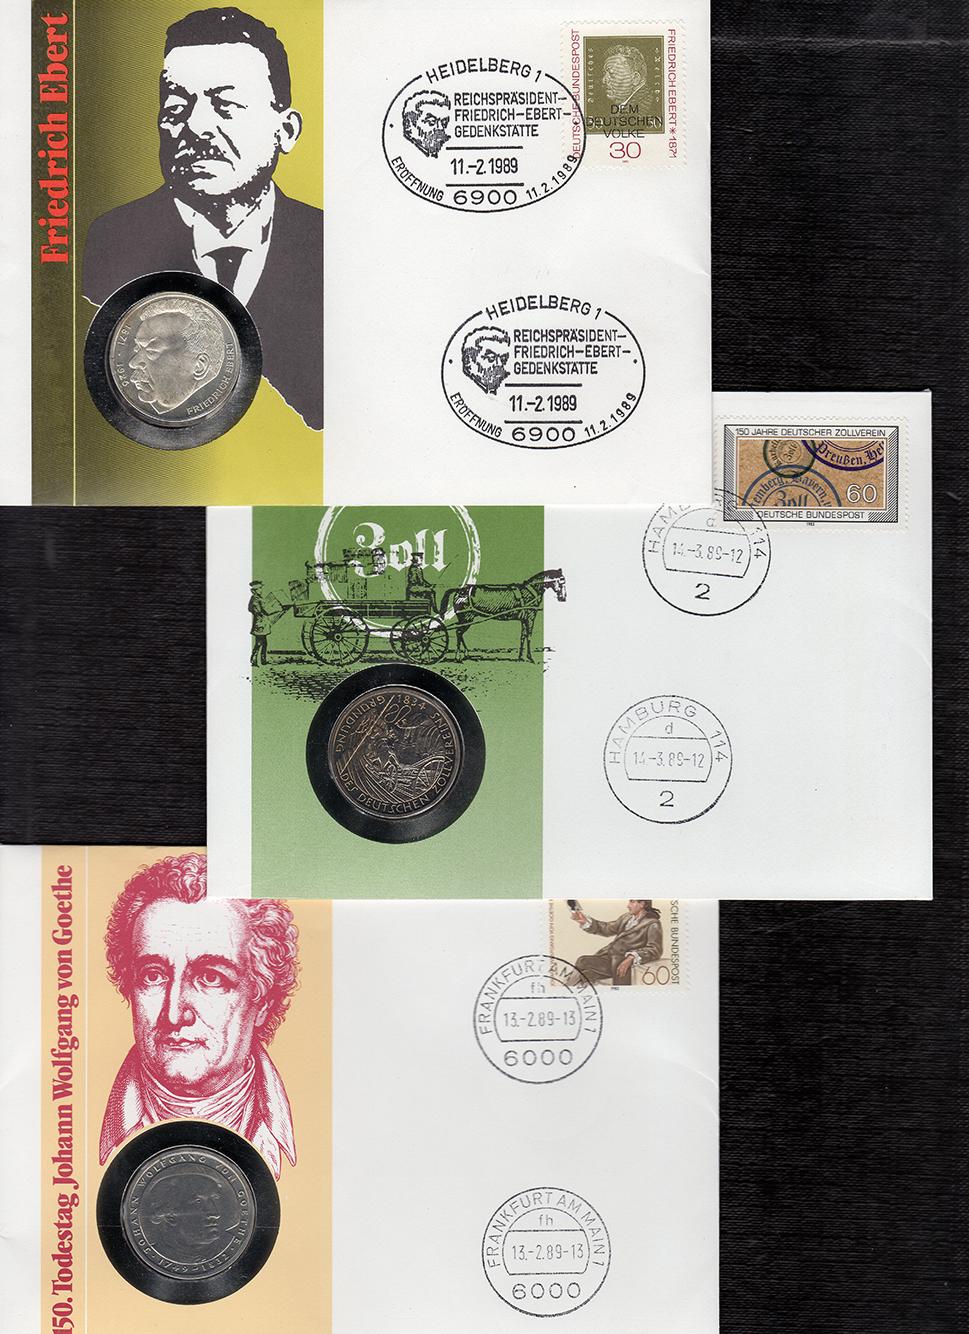 MGS BRD Lot Numisbriefe 5 DM Friedrich Ebert, Zollverein, Goethe Feingewicht: 7,0g